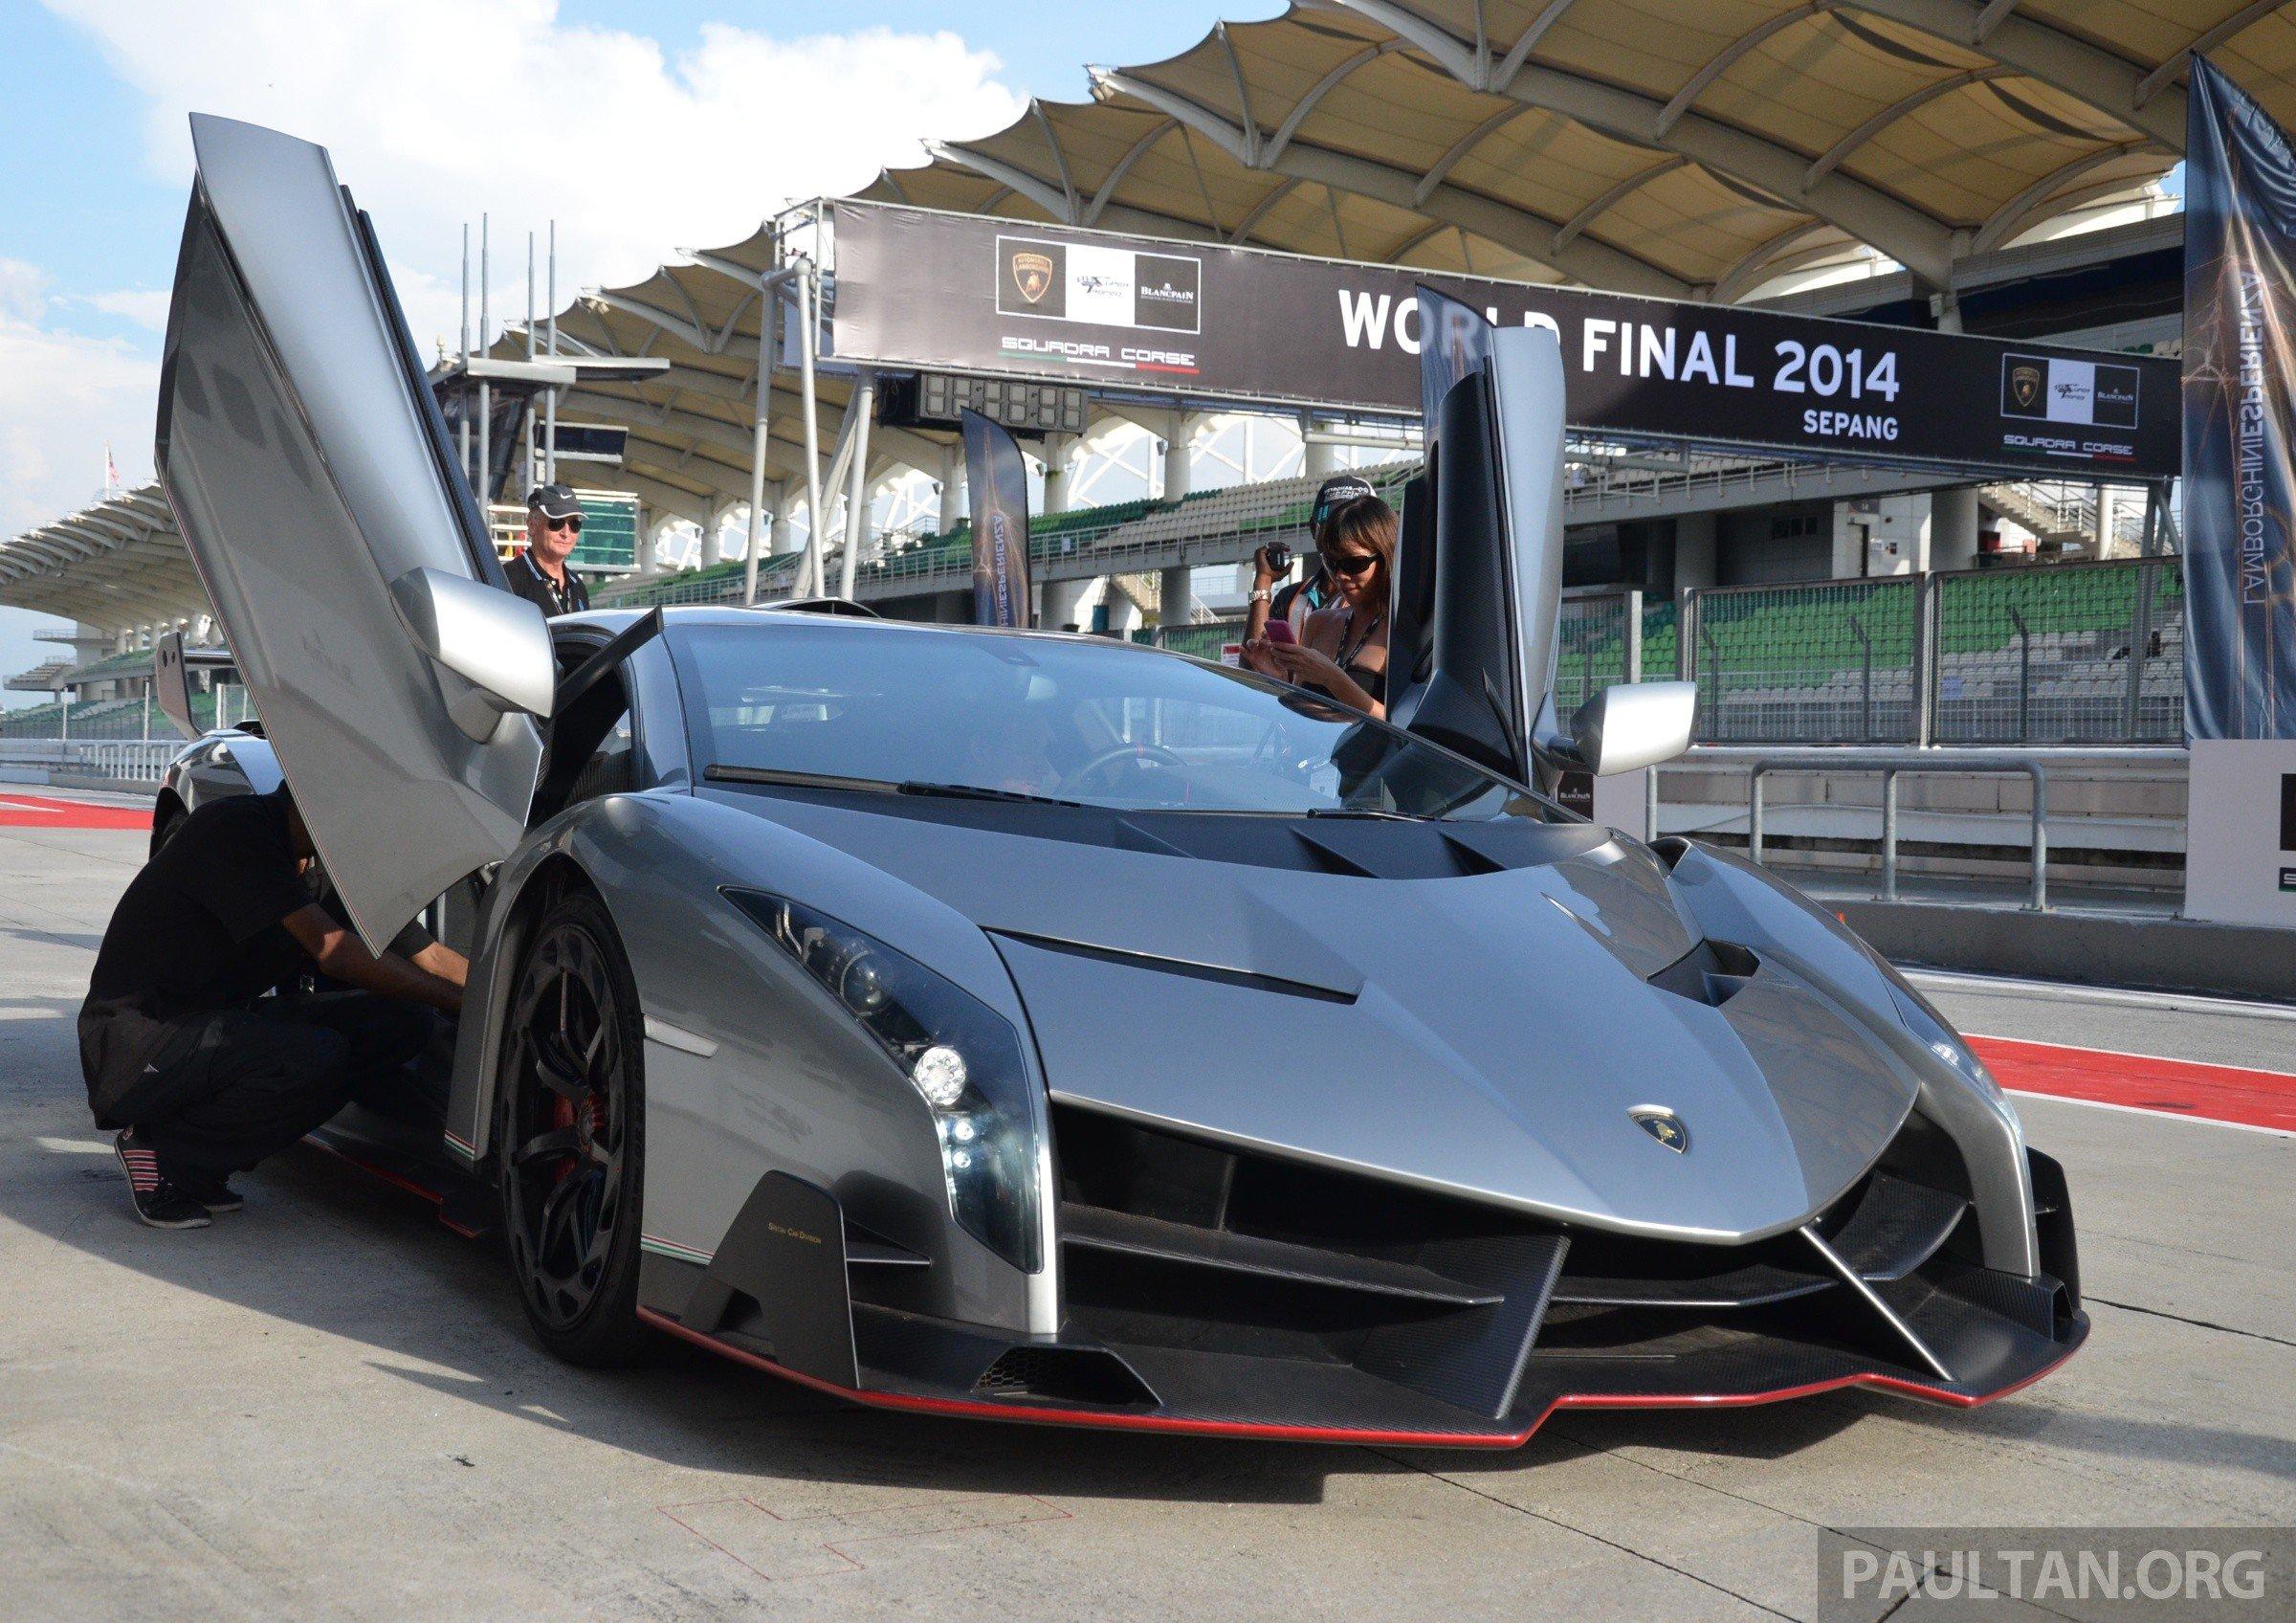 Lamborghini Veneno For Sale >> Lamborghini Veneno makes an appearance at Sepang